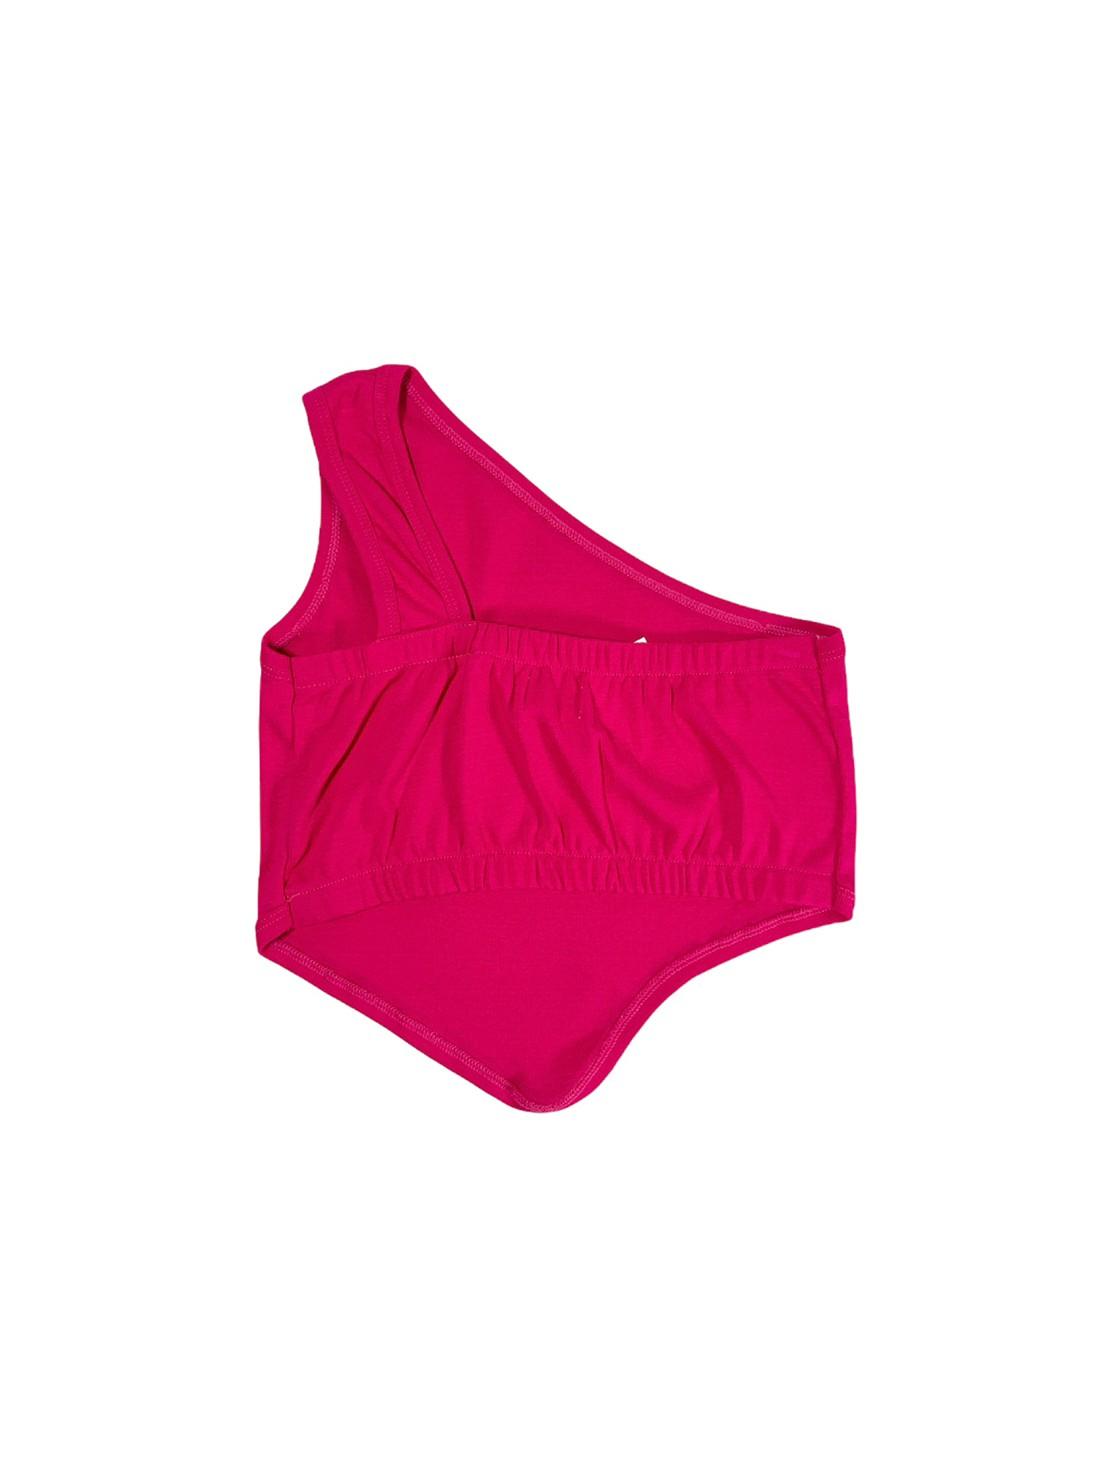 Blurrr (pink) Slant Shoulder Blouse